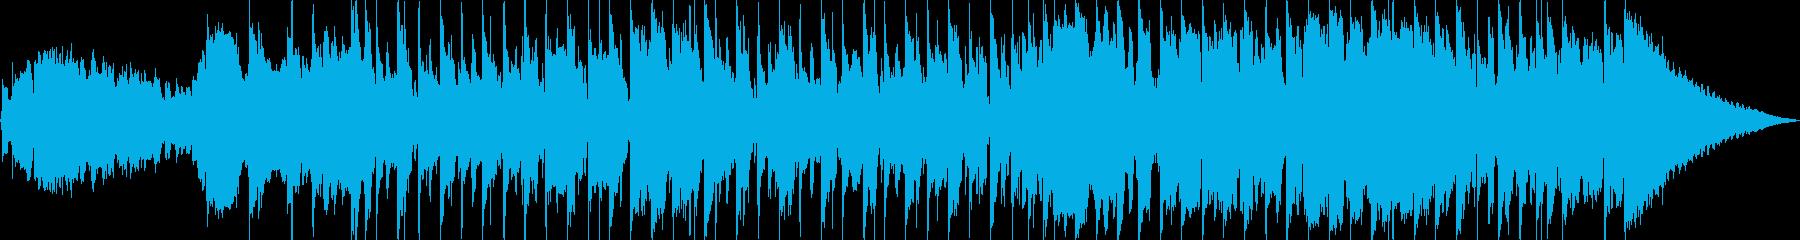 のんびりした響きがおしゃれなメロディーの再生済みの波形